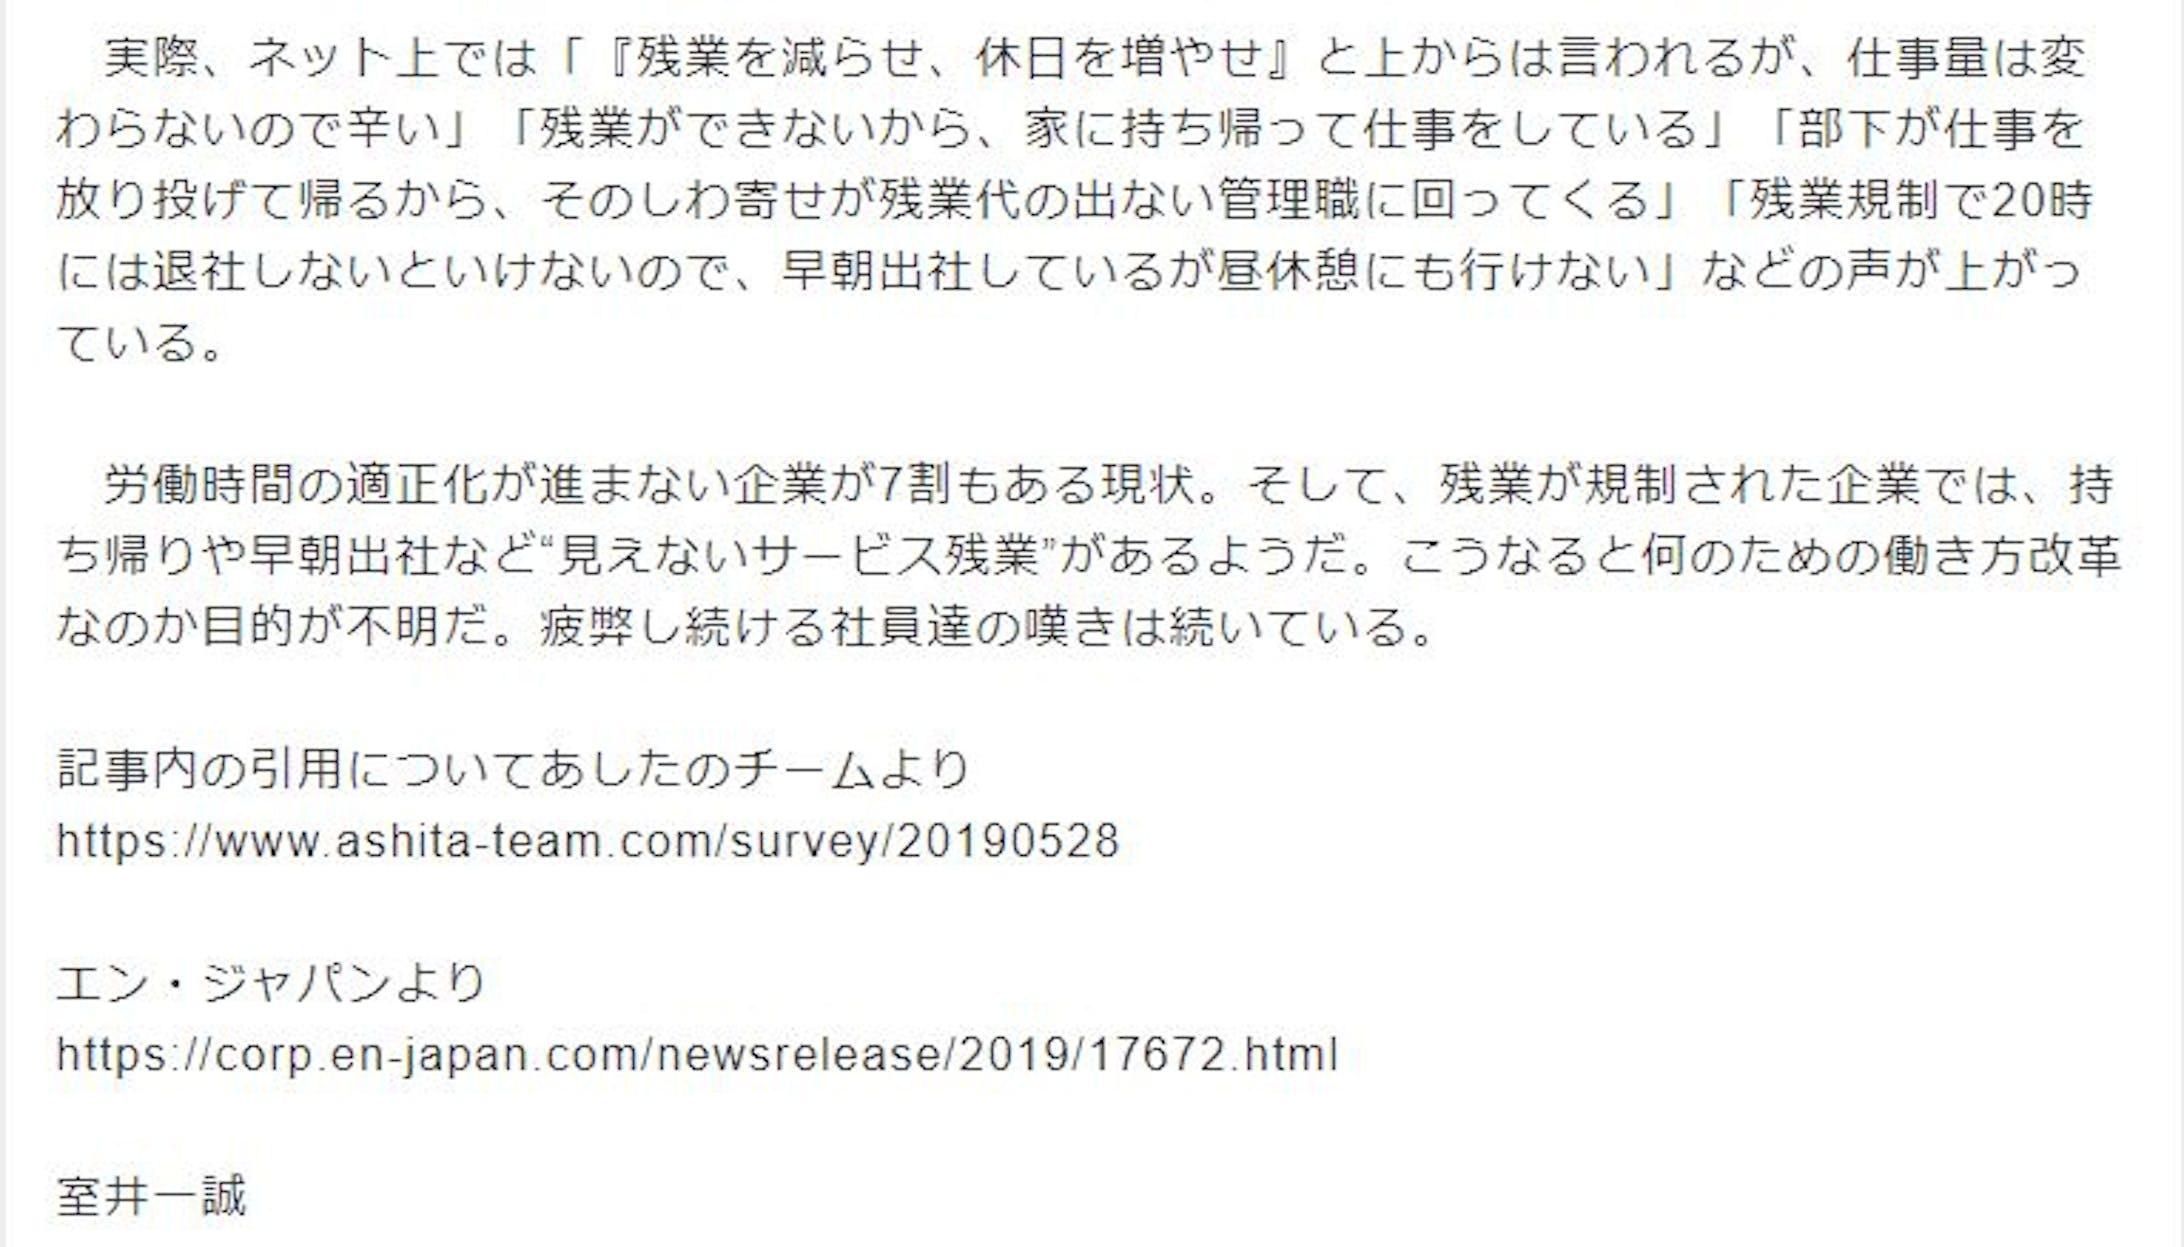 老舗ニュースサイト「リアルライブ」に働き方改革の記名記事を投稿-2